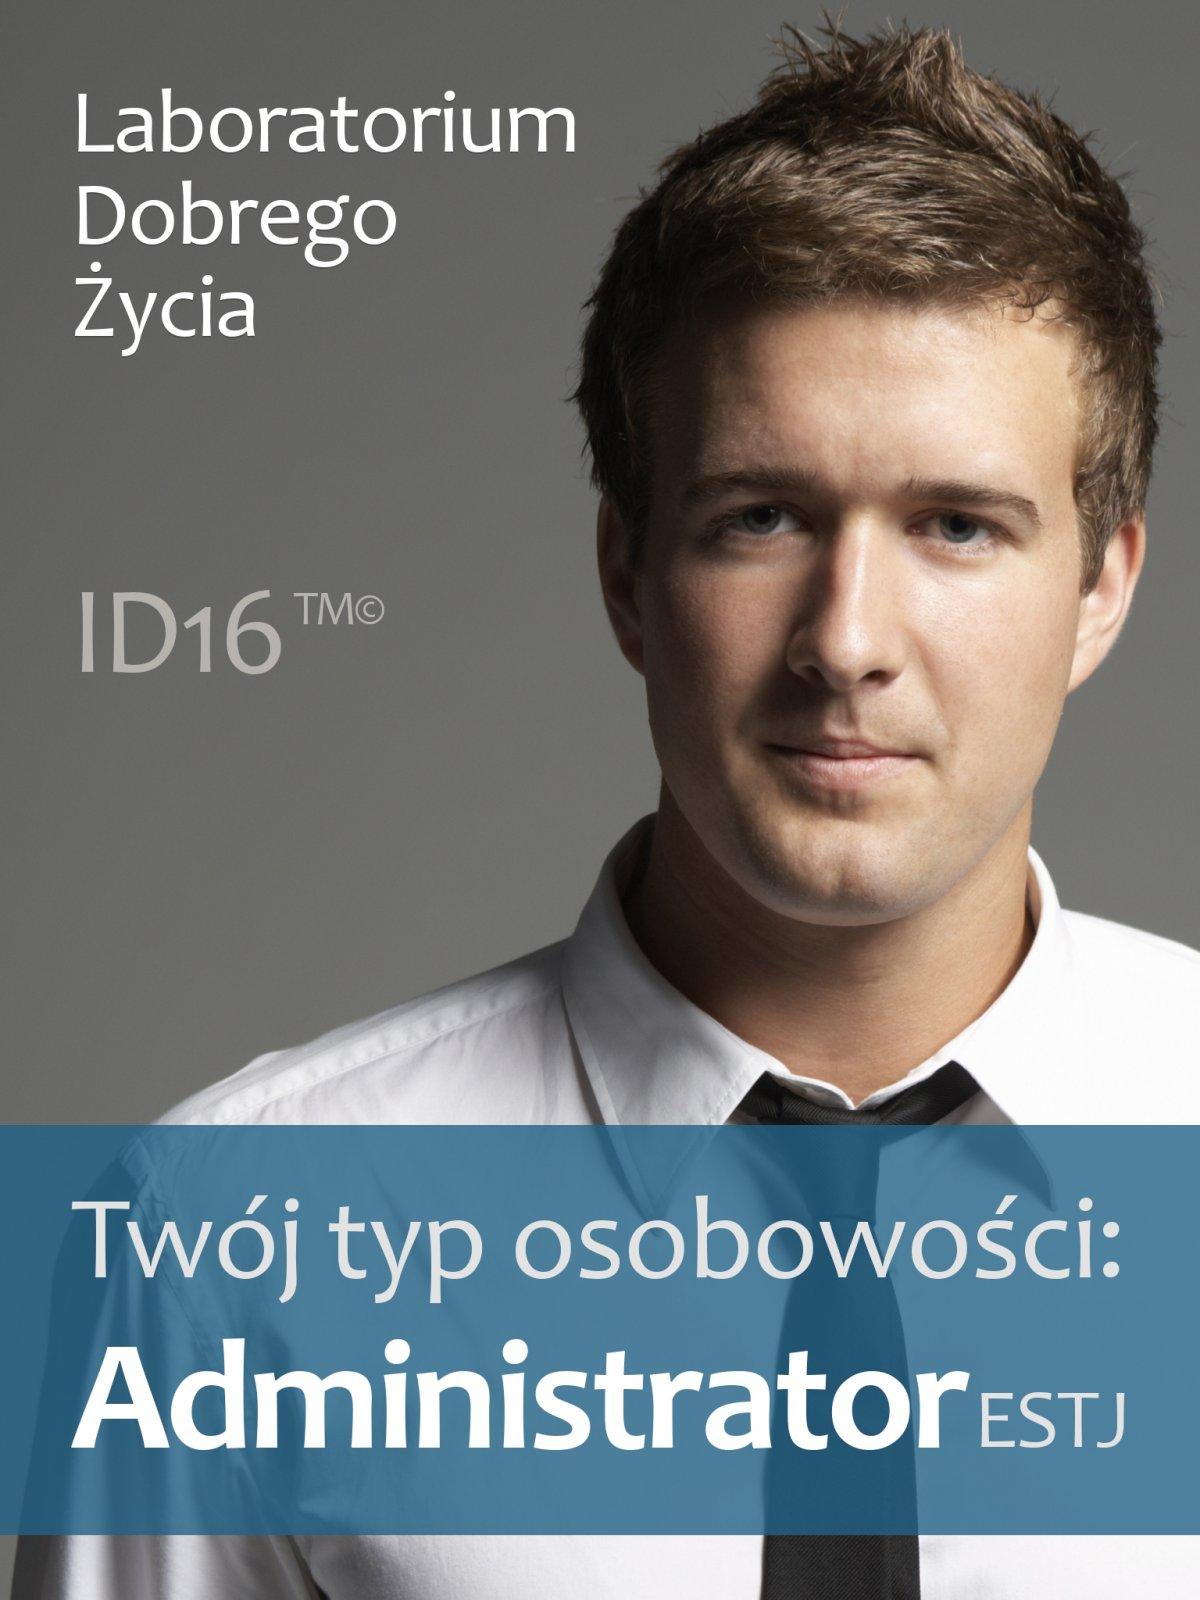 Twój typ osobowości: Administrator (ESTJ) - Ebook (Książka PDF) do pobrania w formacie PDF